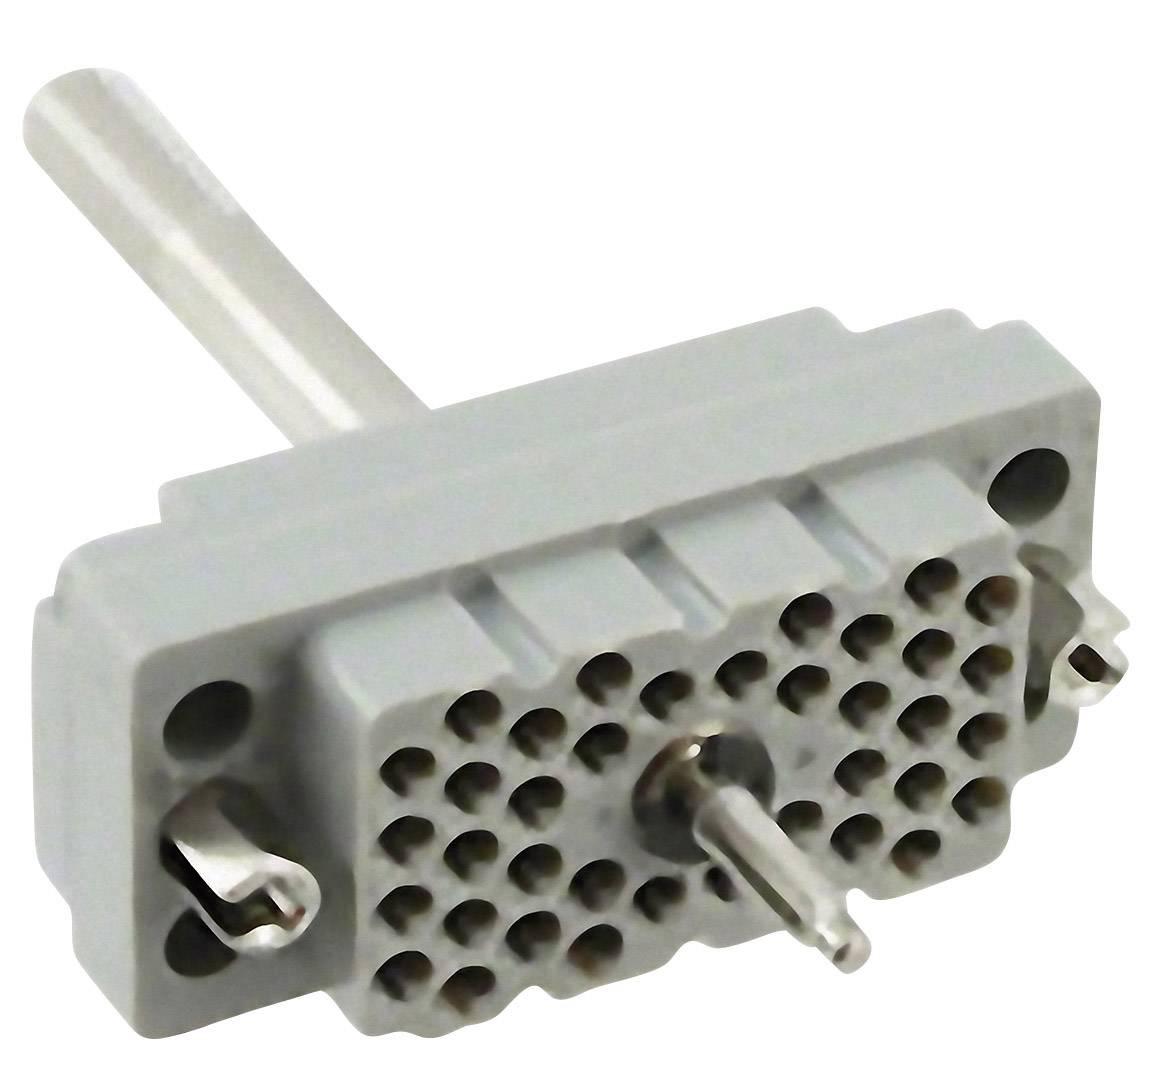 Súprava konektorovej zásuvky EDAC 516-038-000-401, 38, 1 ks